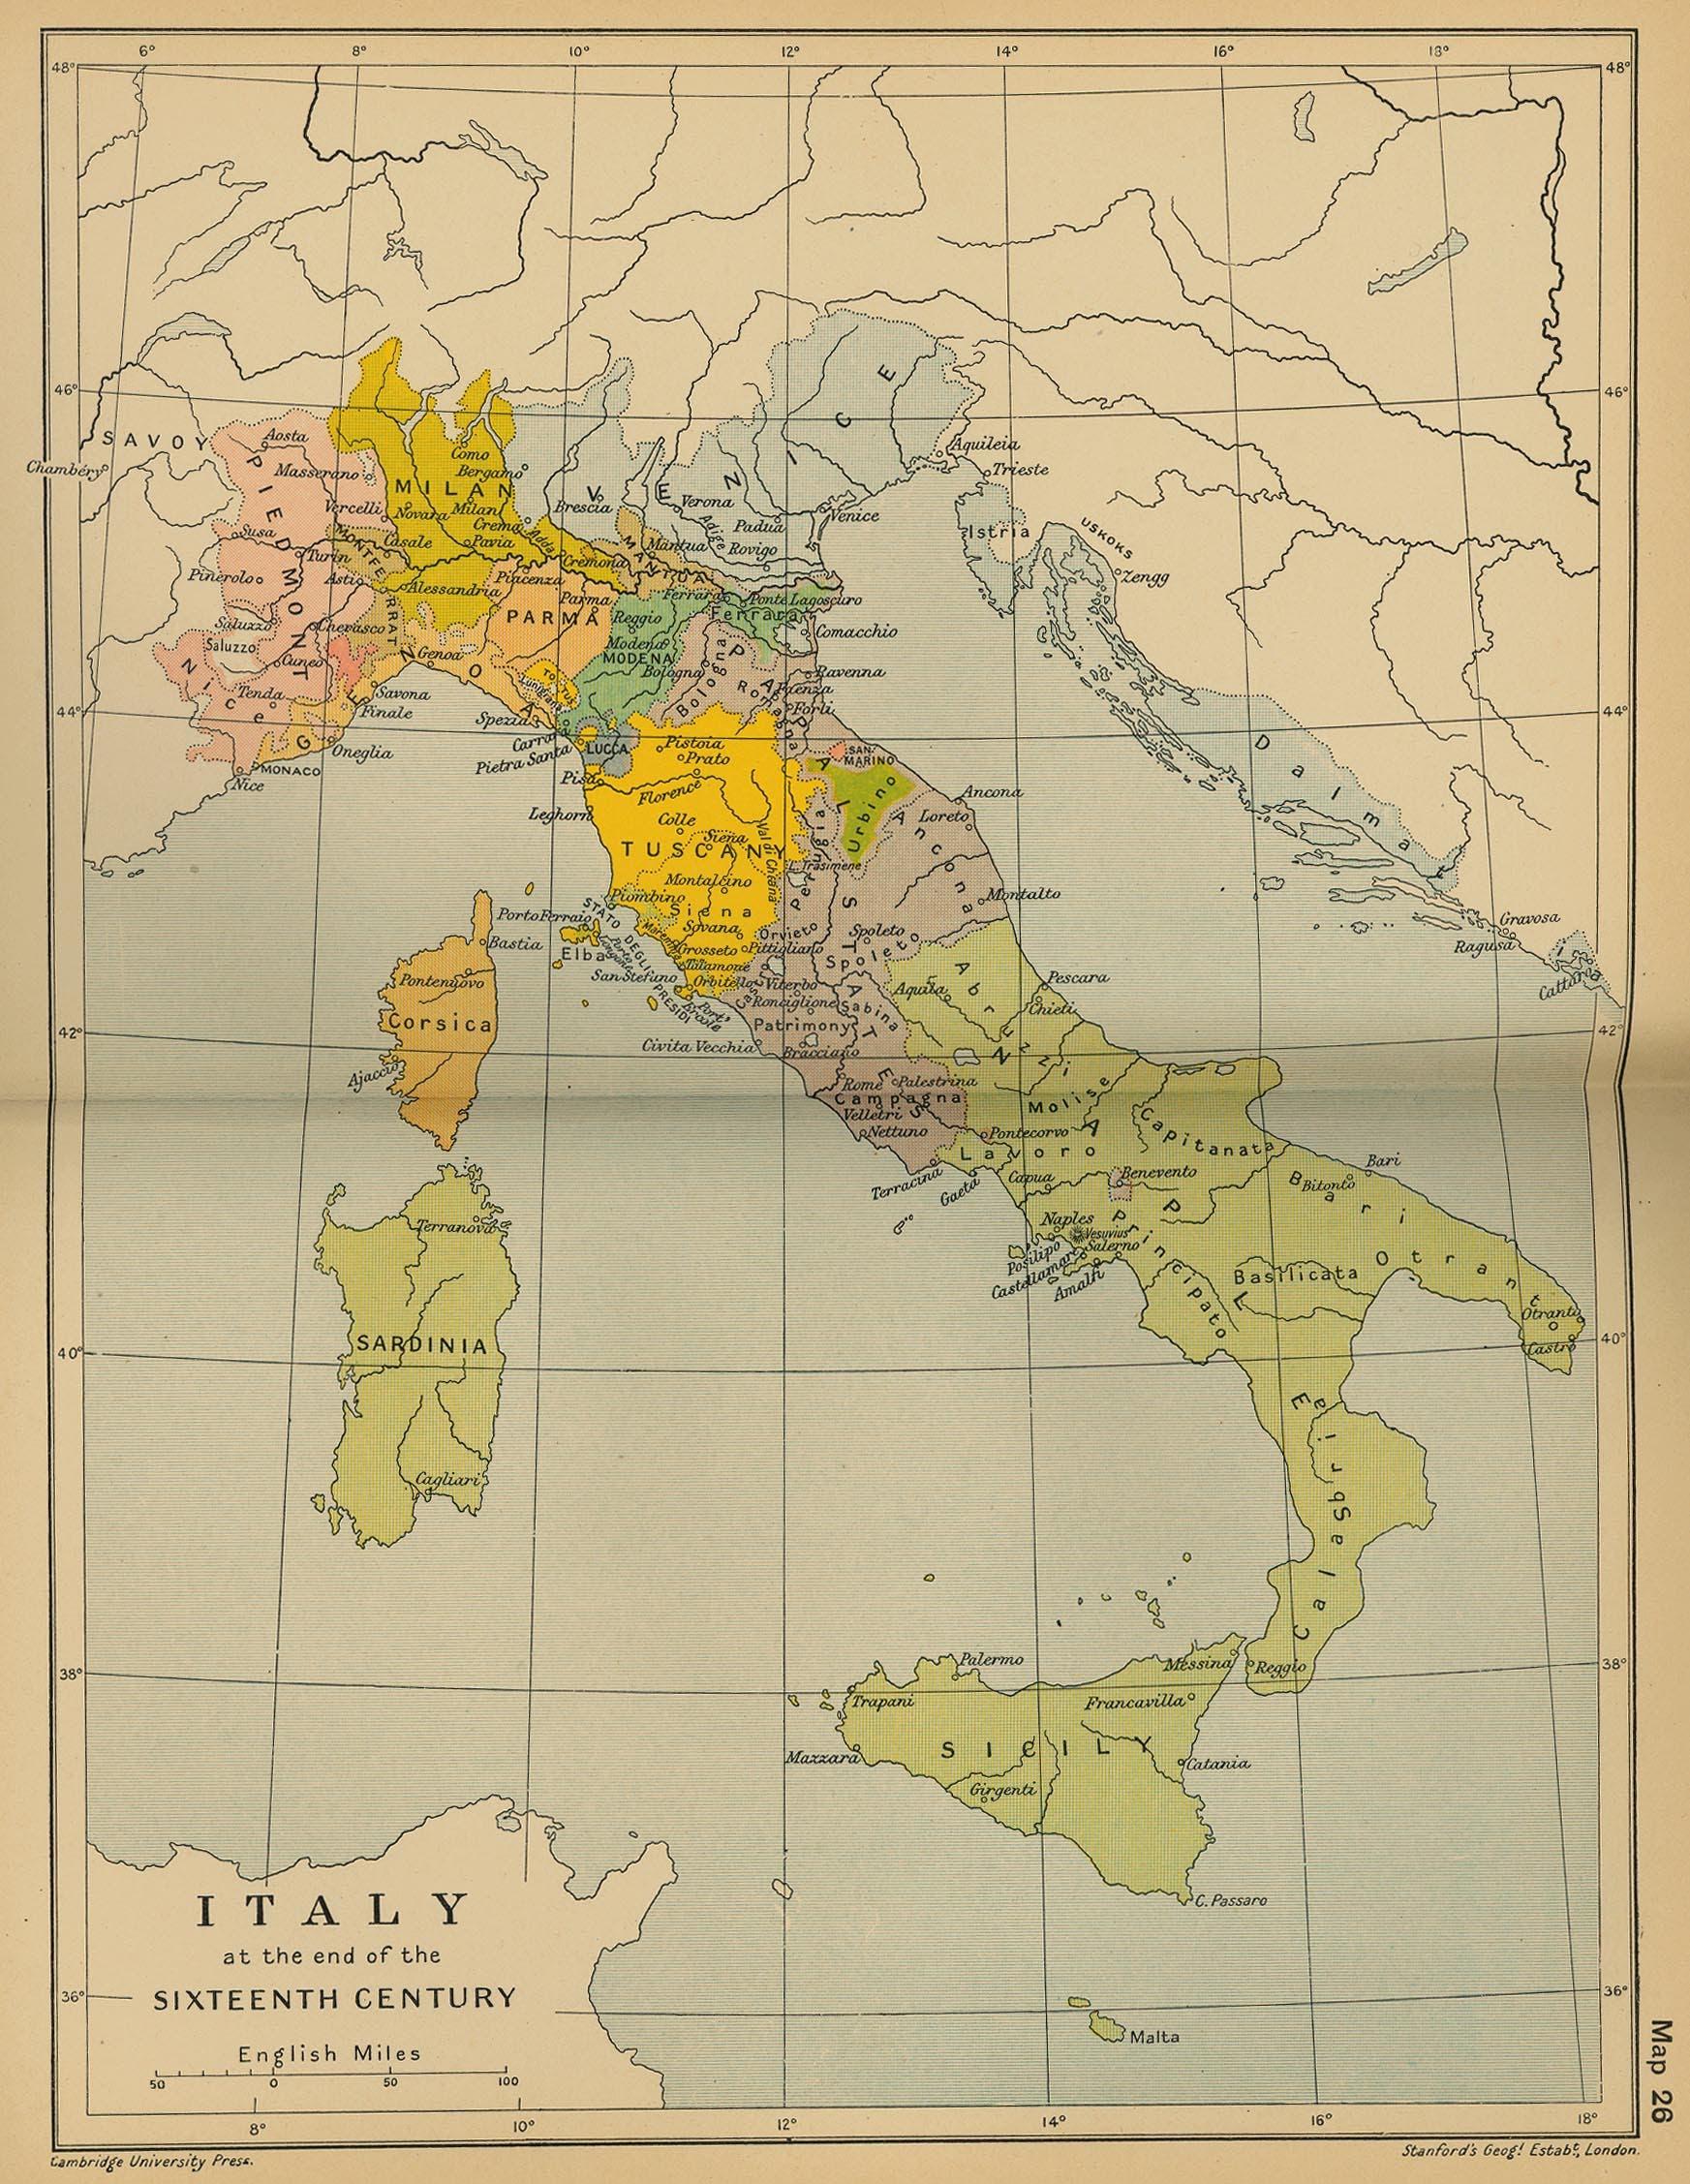 خريطة إيطاليا أواخر القرن السادس عشر